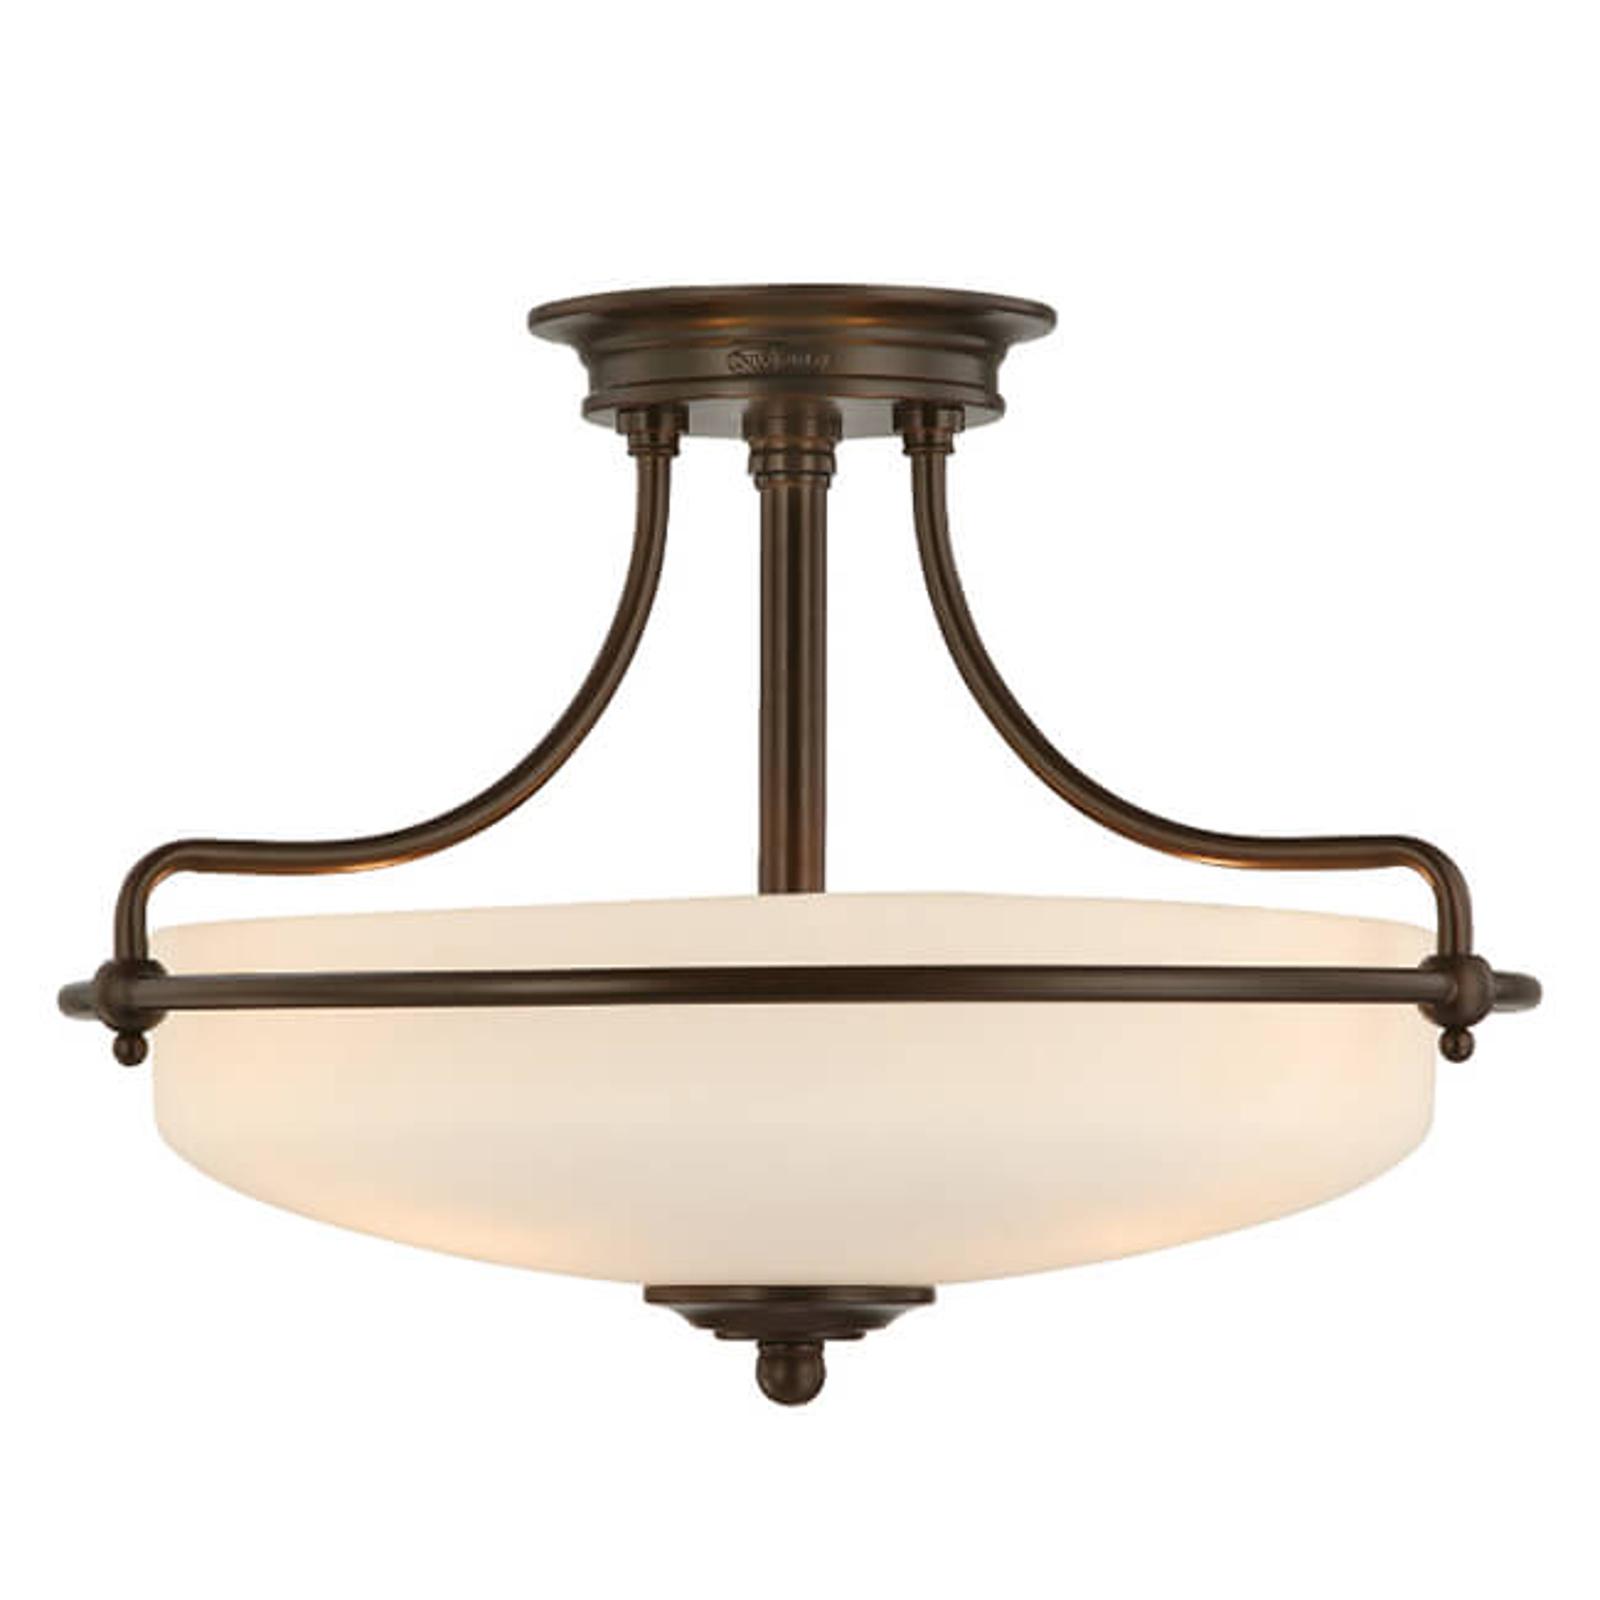 Lampa sufitowa Griffin, Ø 43 cm, brąz